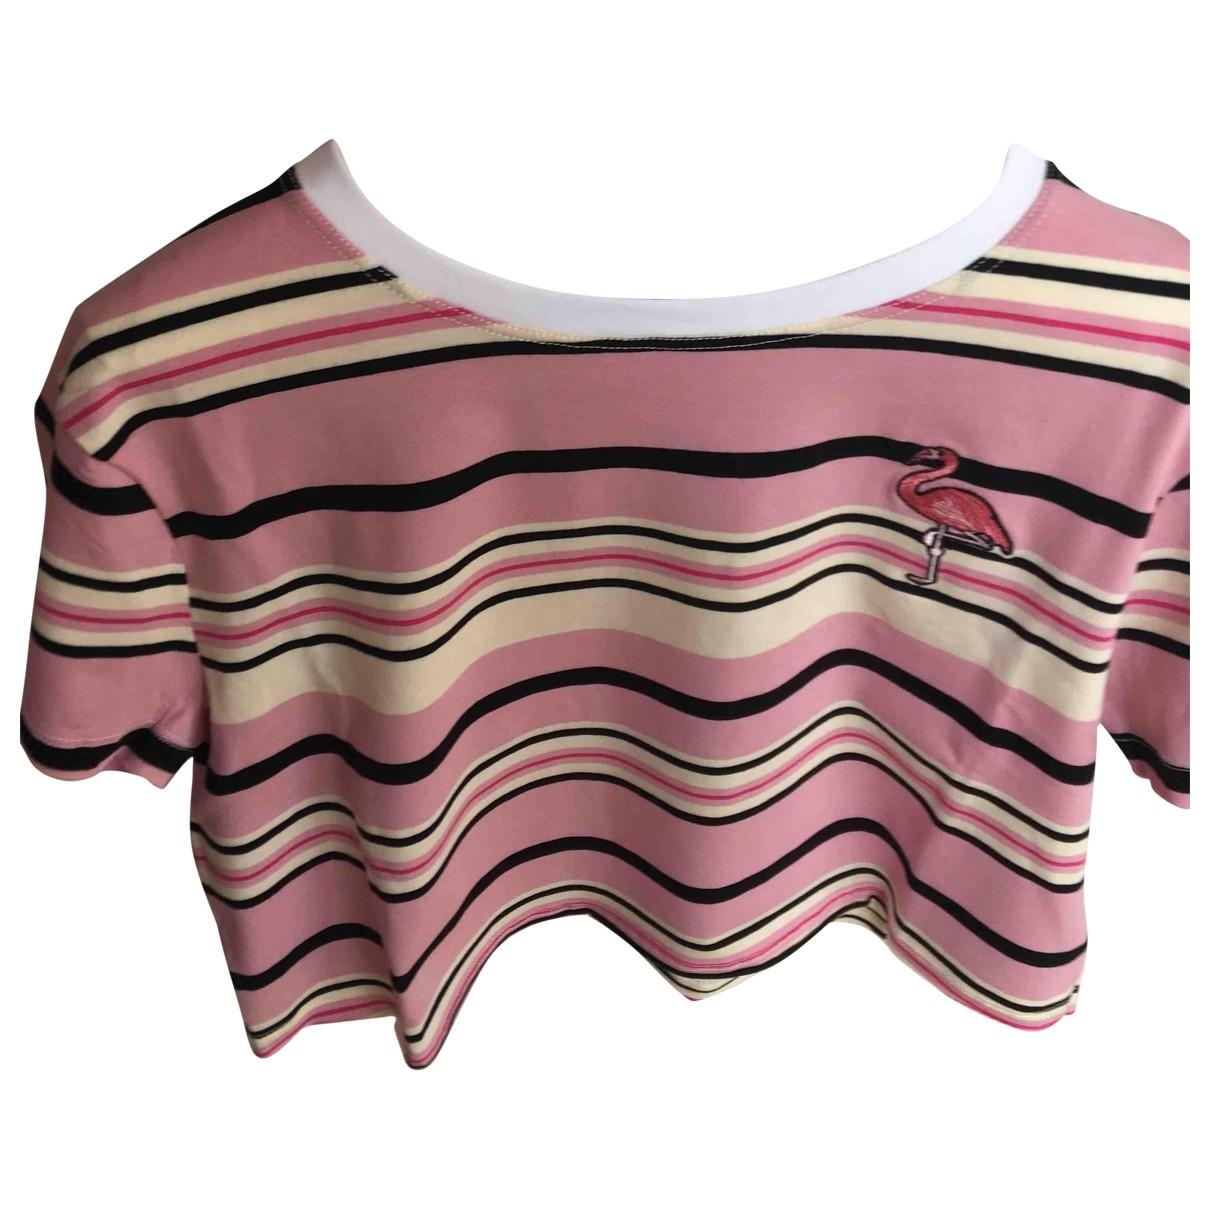 Red Valentino Garavani \N Pink Cotton dress for Women 44 IT